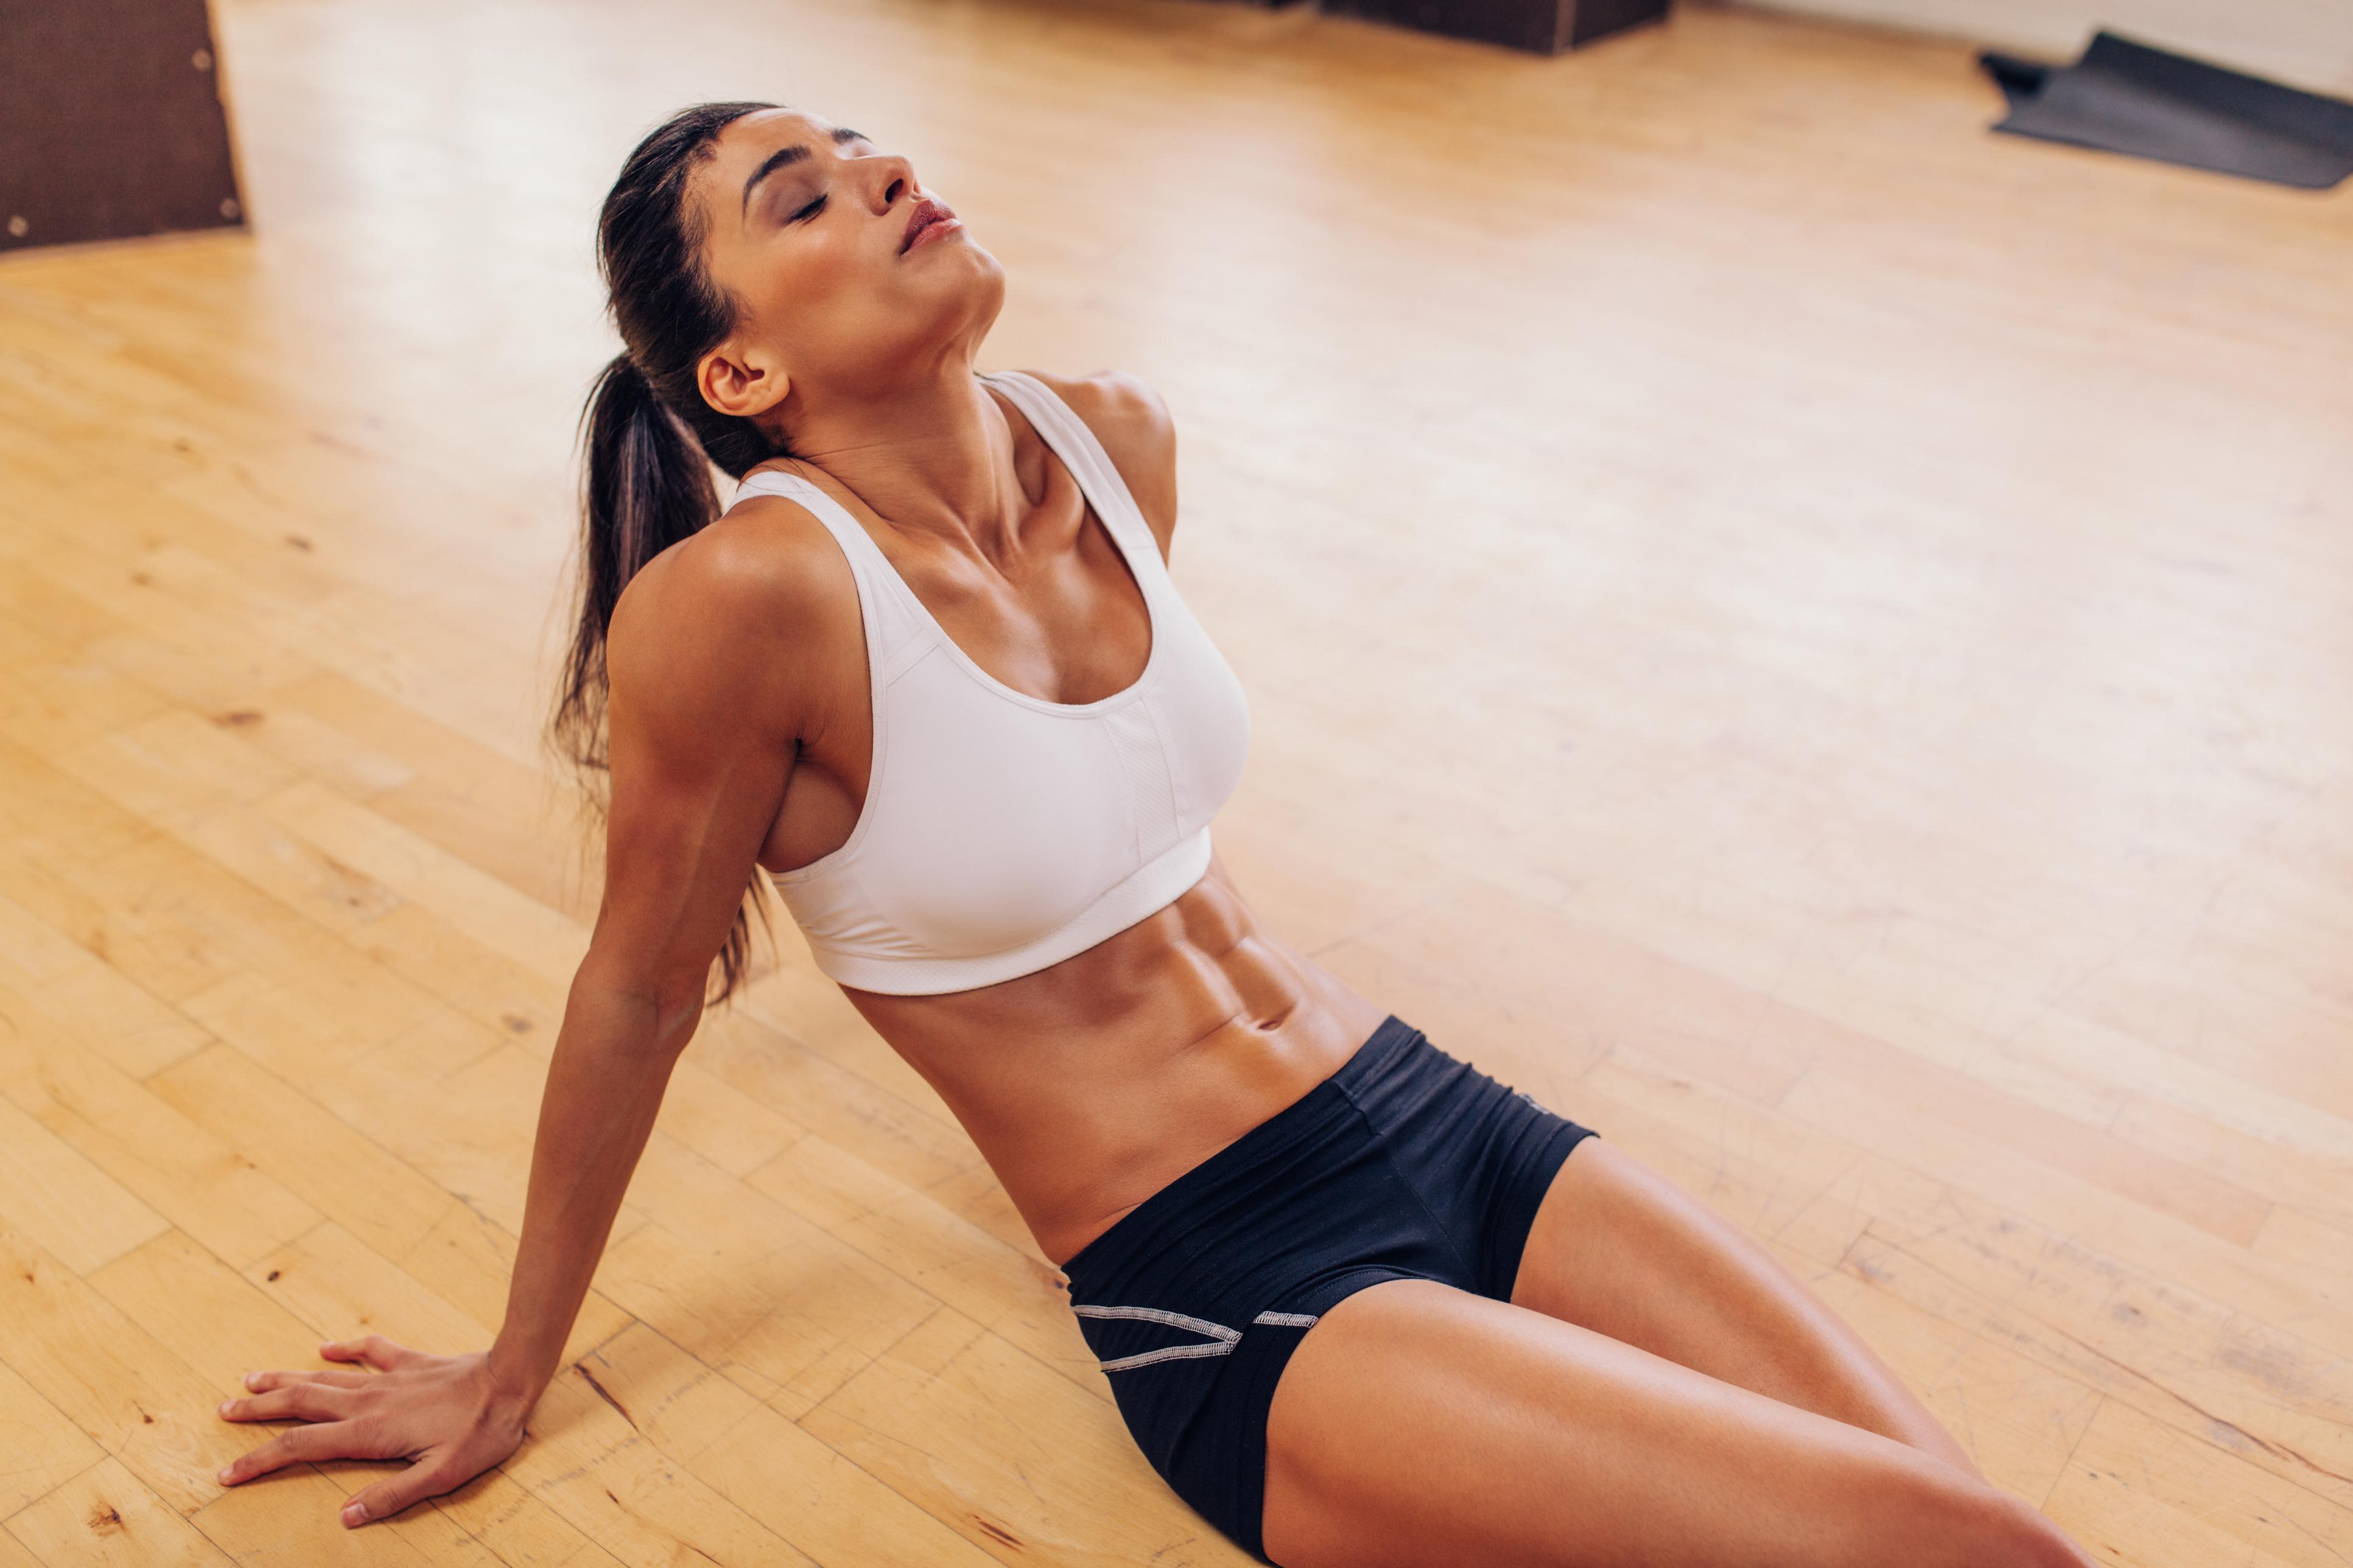 Продукти для відновлення після тренування, які полегшать біль у м'язах